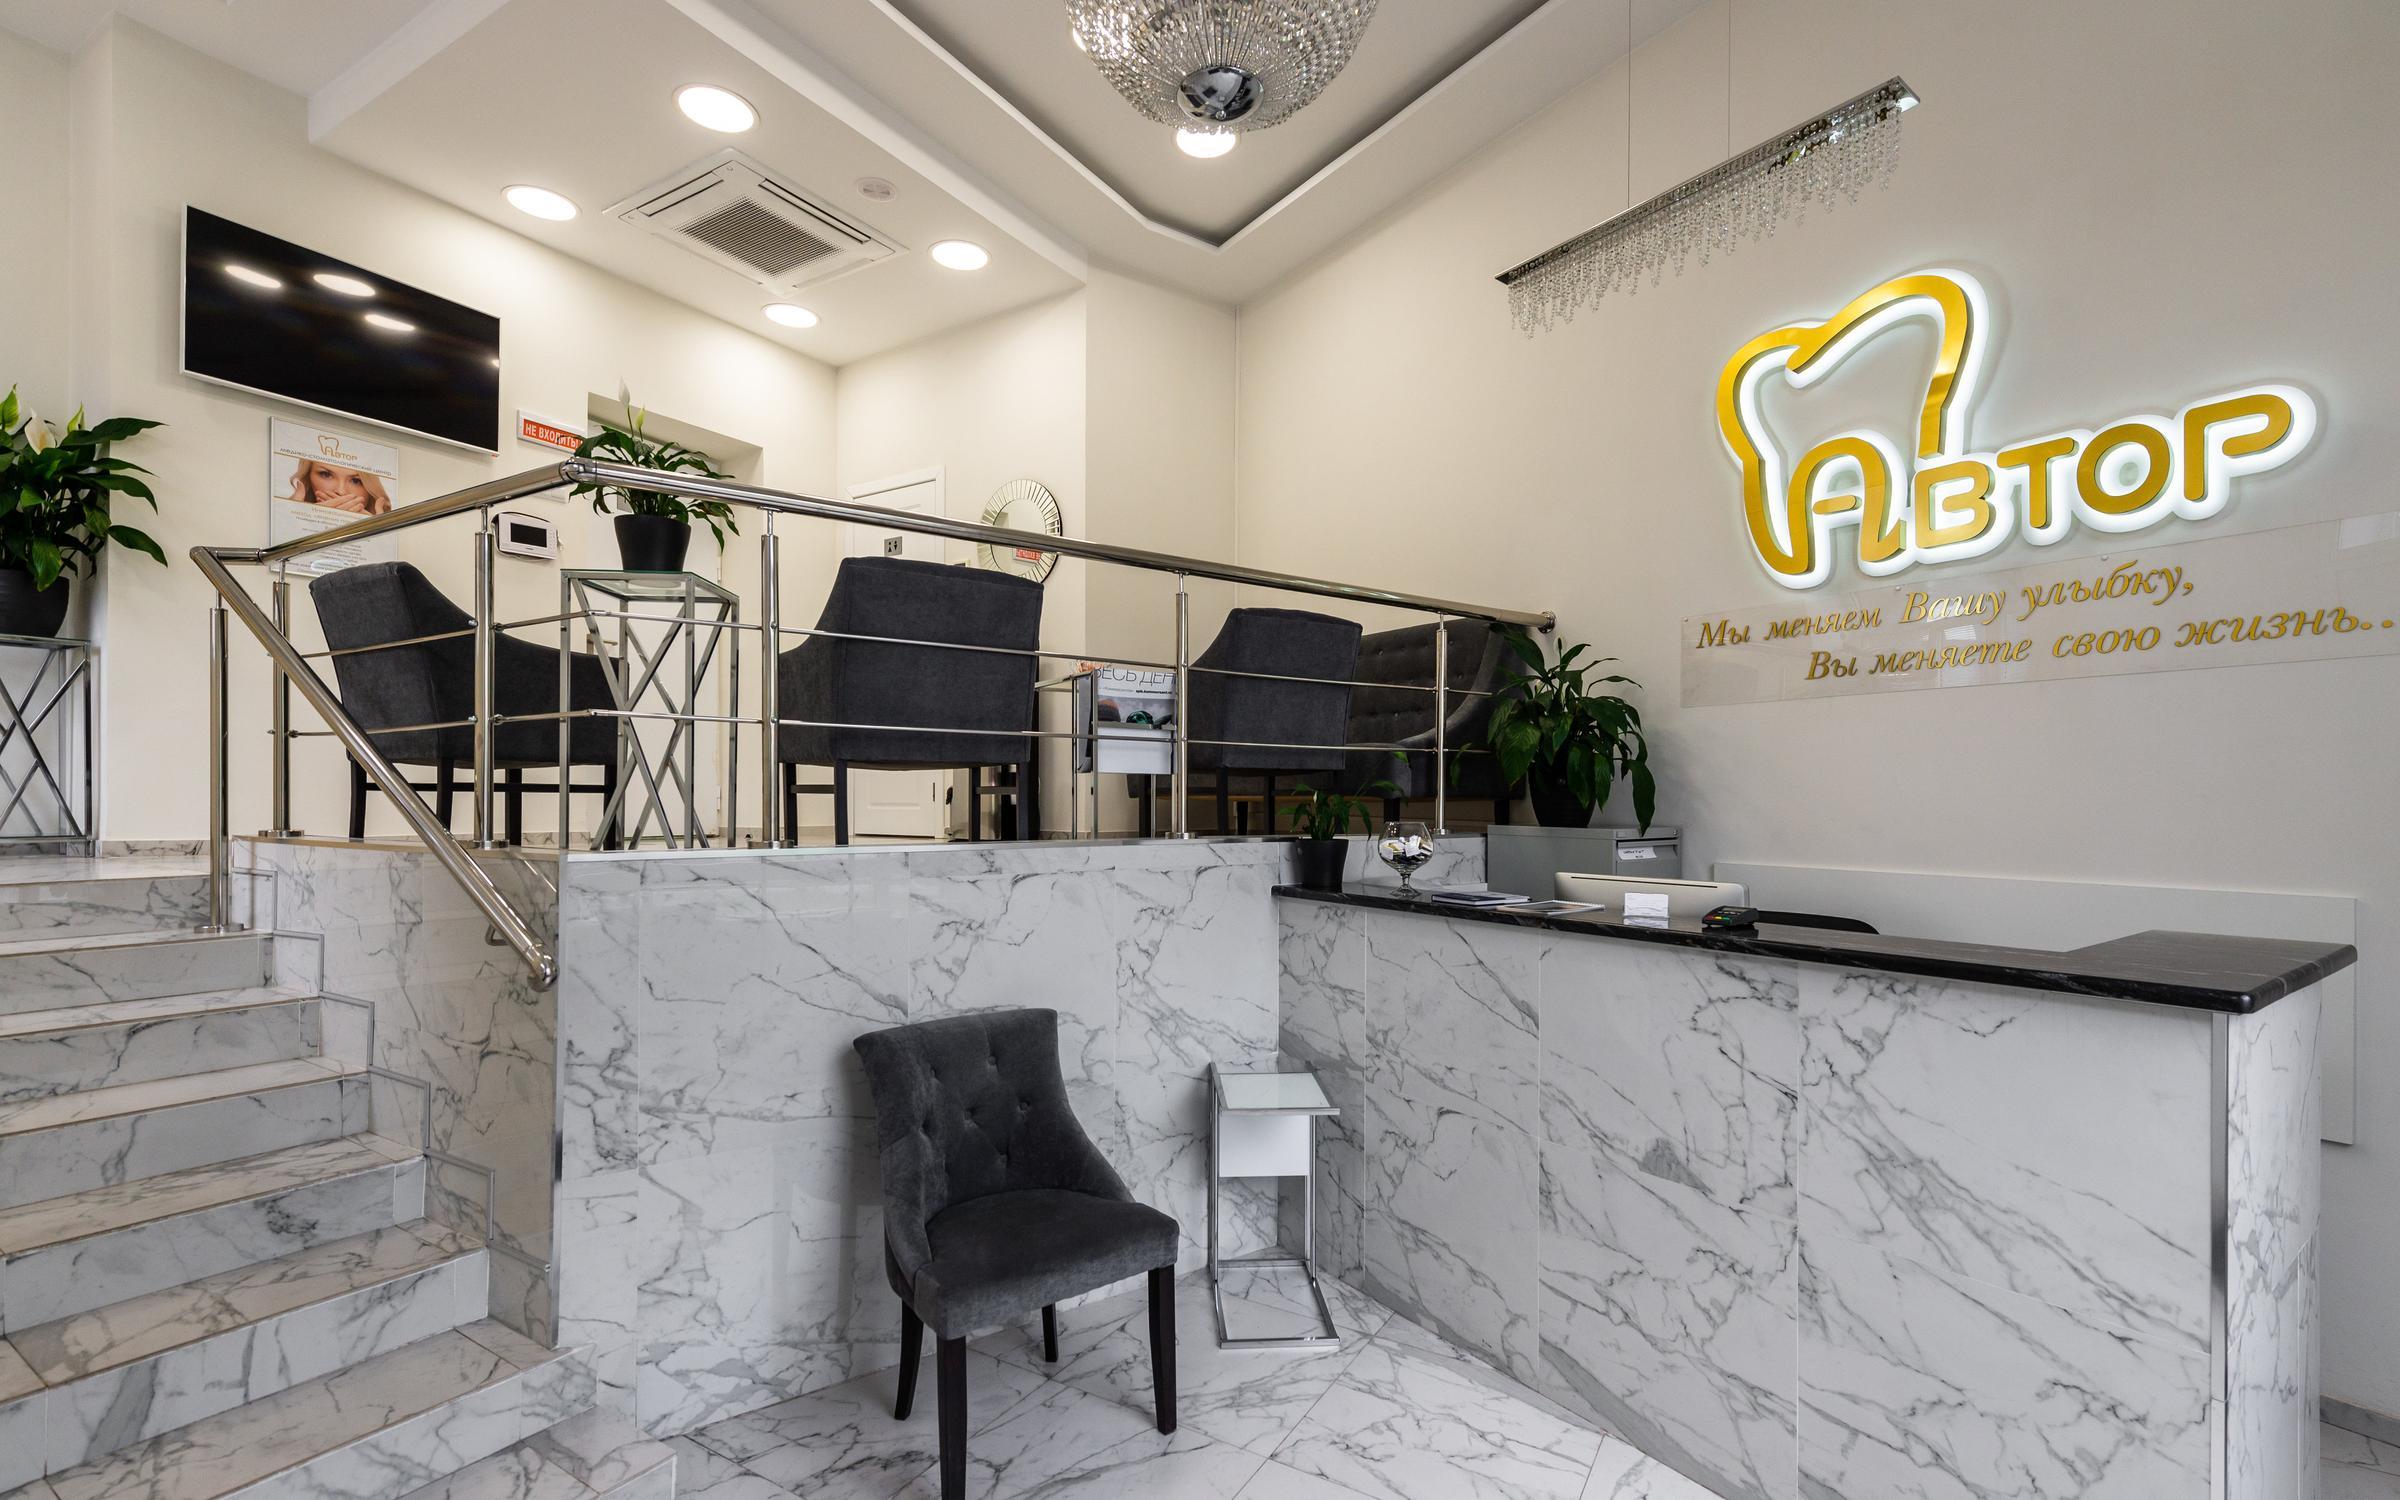 фотография Медико-стоматологический центр Автор на проспекте Стачек